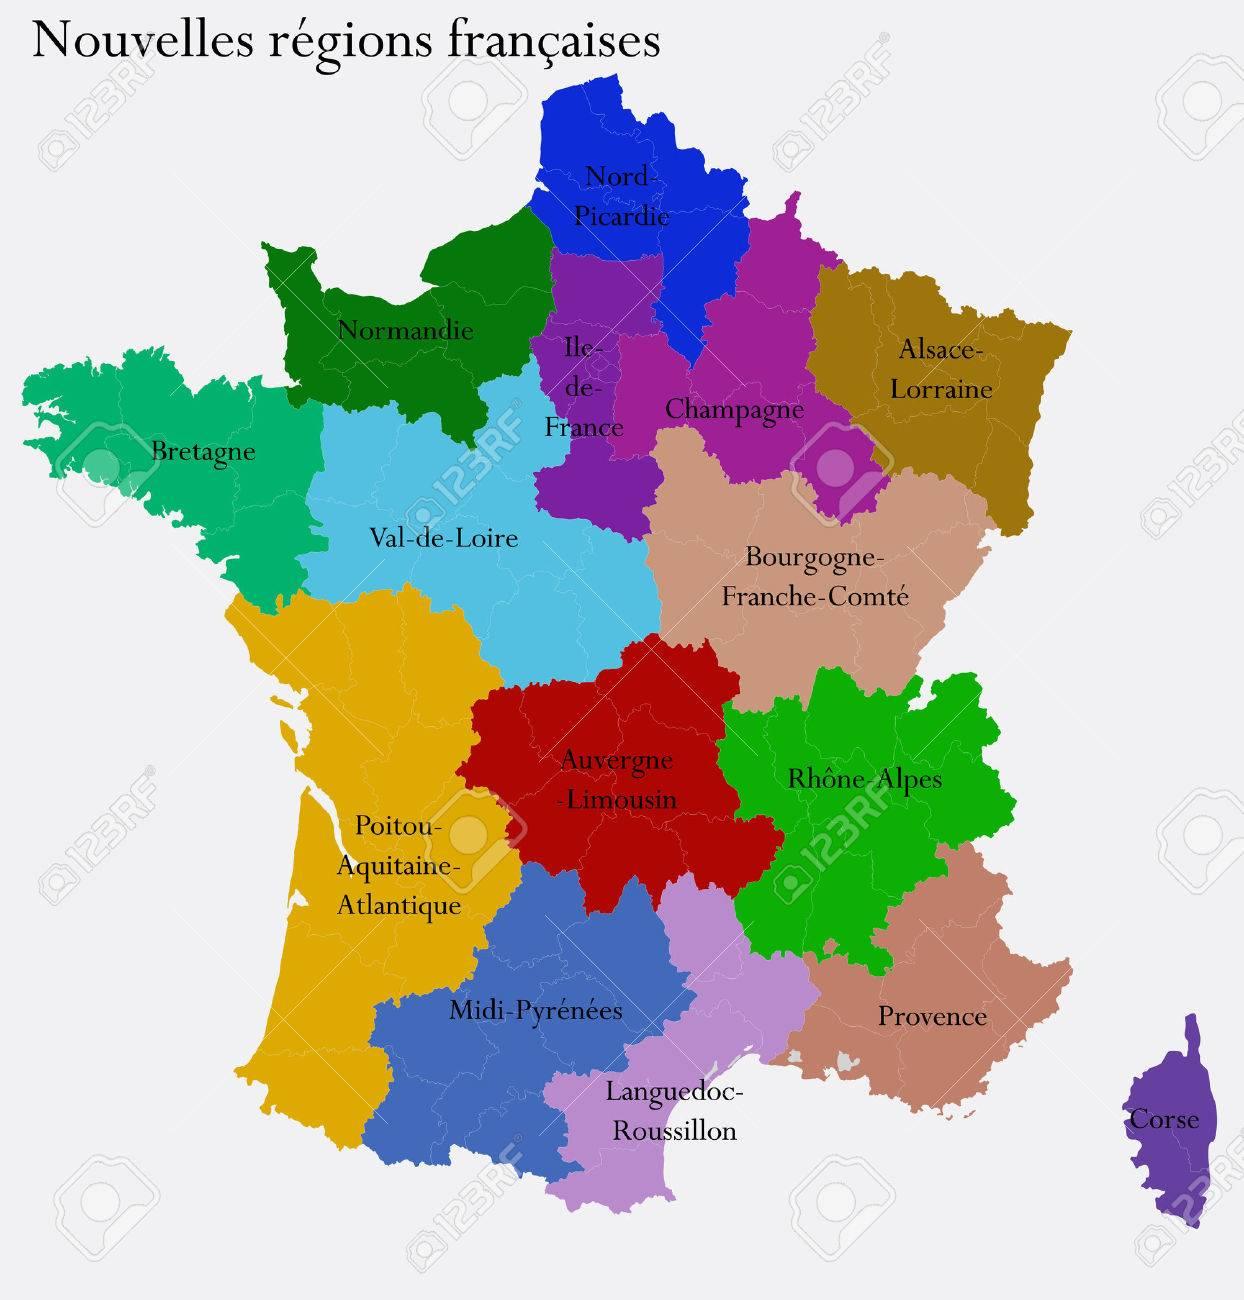 New French Regions Nouvelles Regions De France Separated Departments intérieur Les Nouvelles Régions De France